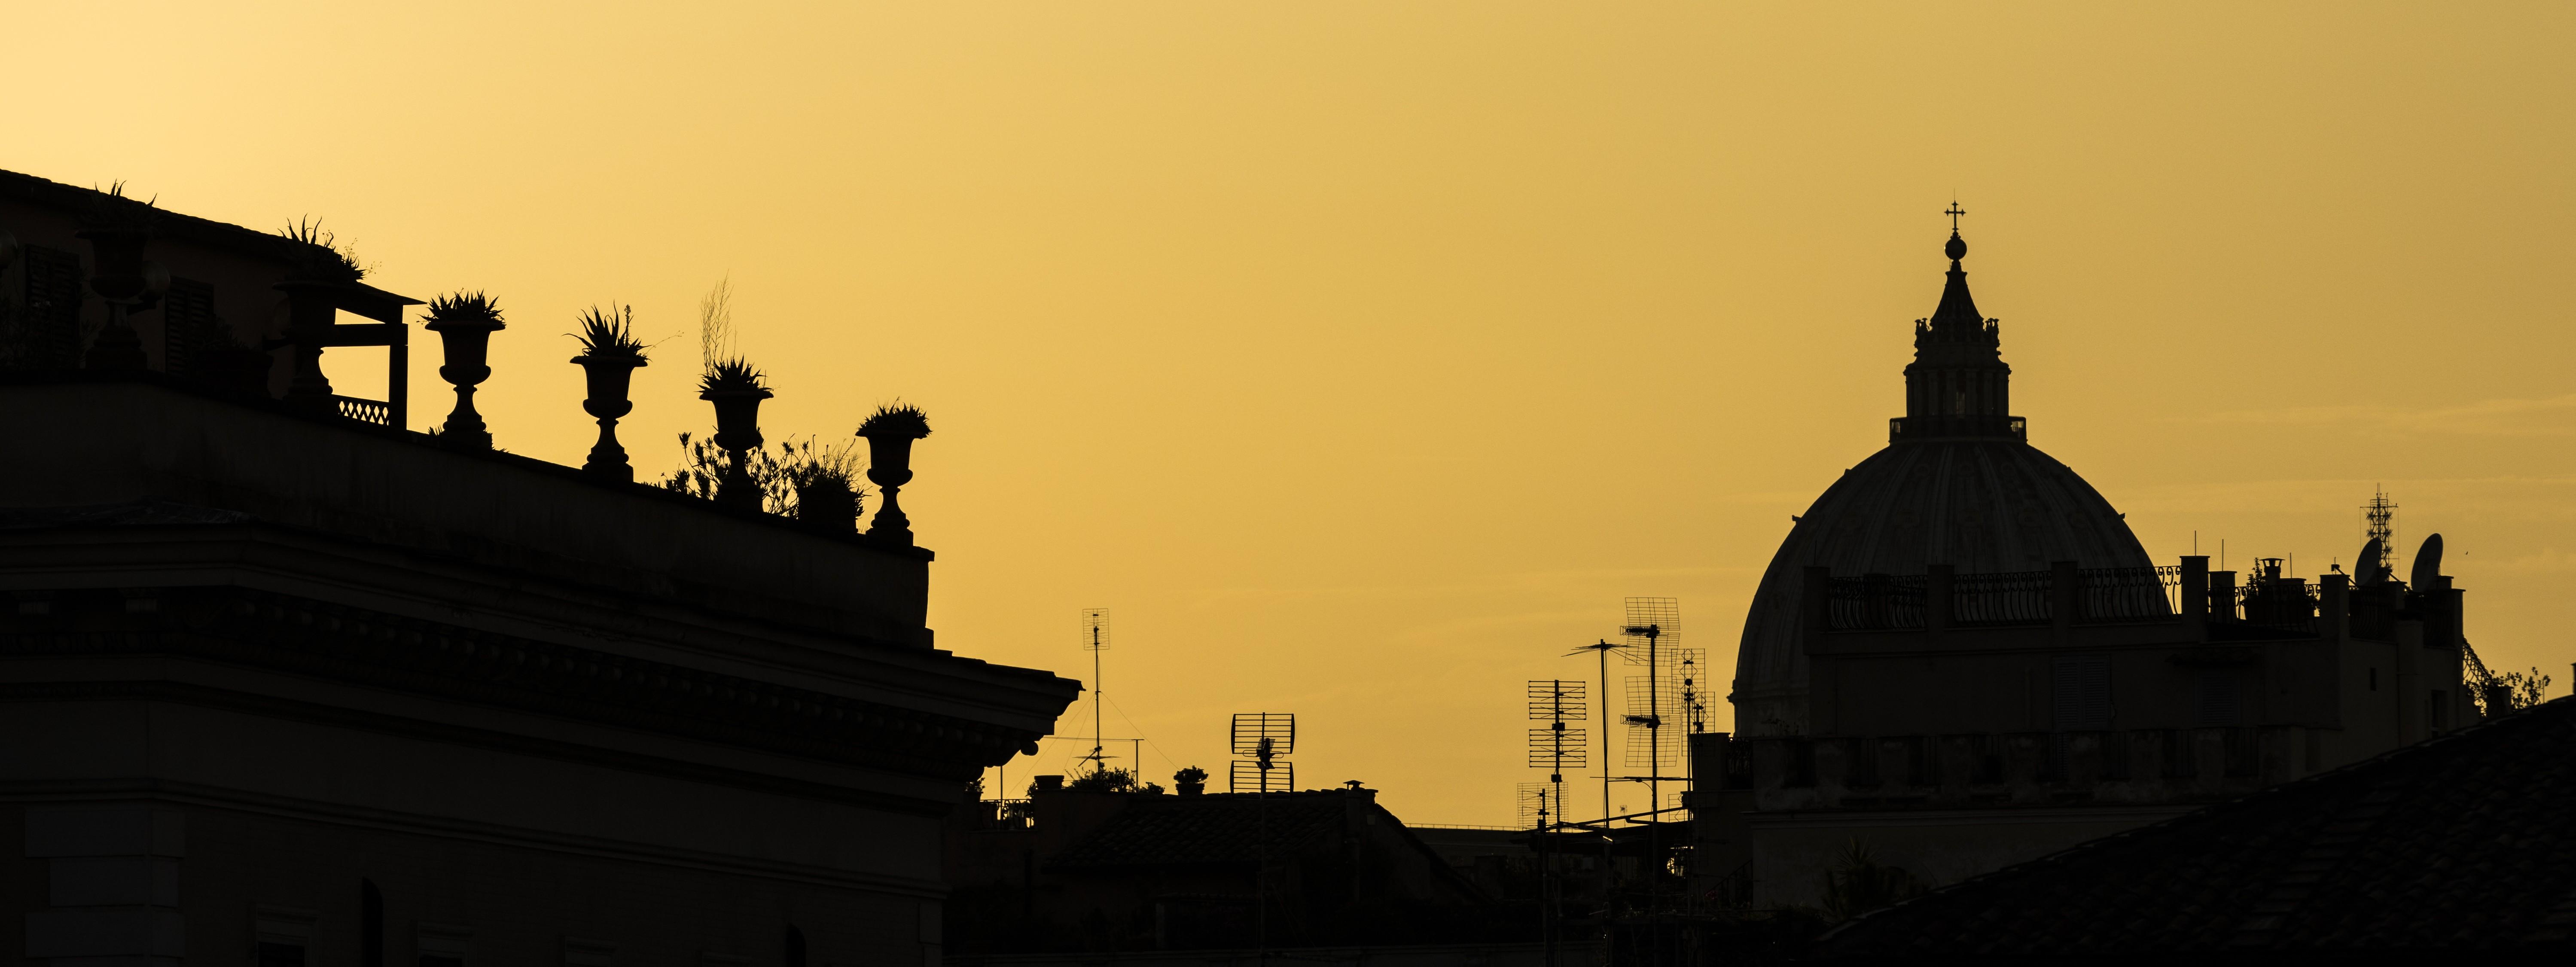 Palazzo Pio sunset